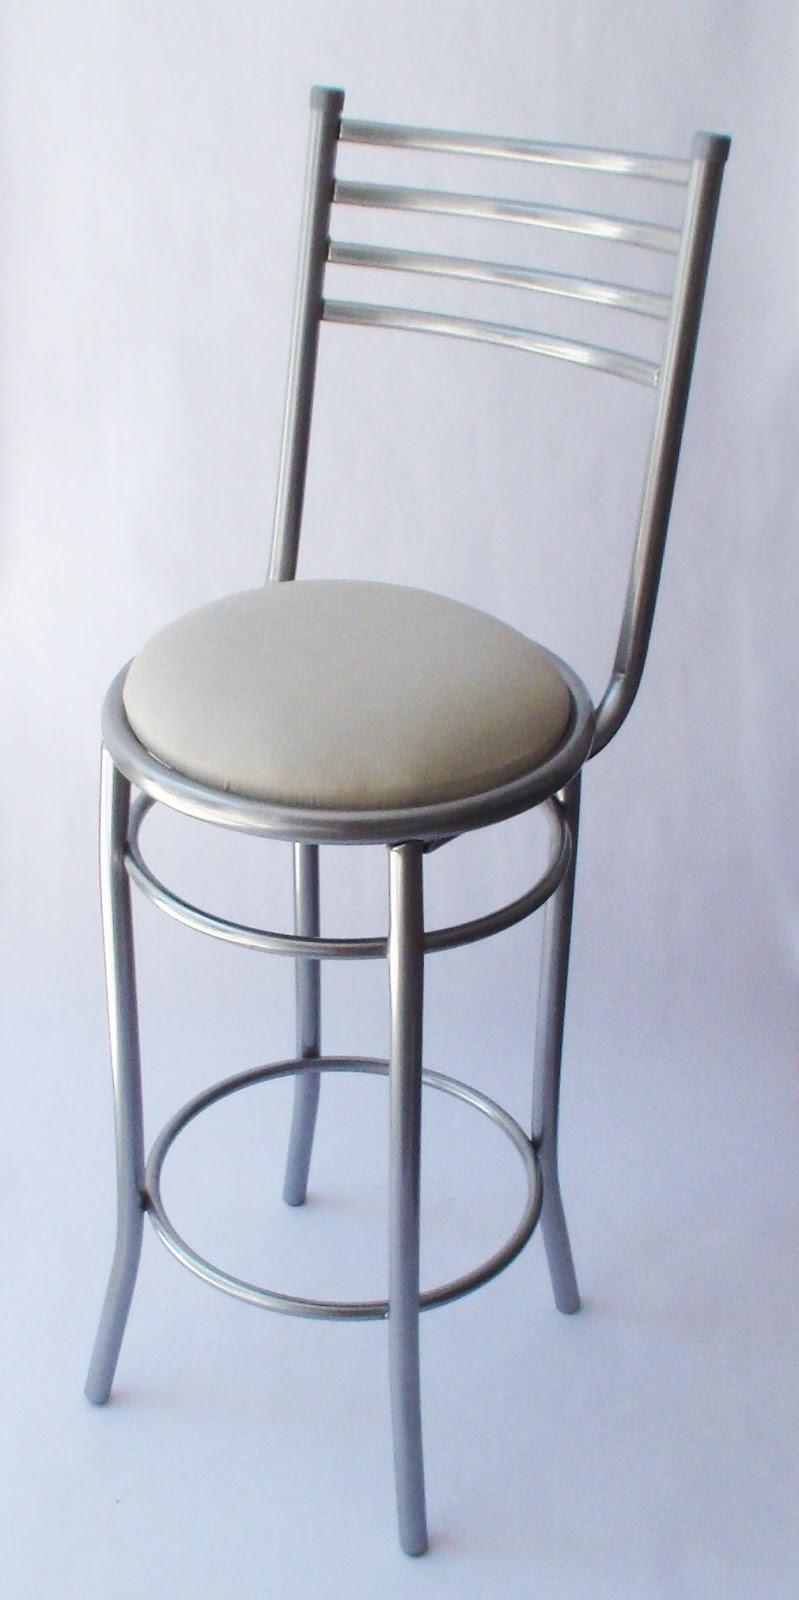 Sillas la italiana fabrica de sillas y mesas for Fabrica de sillas